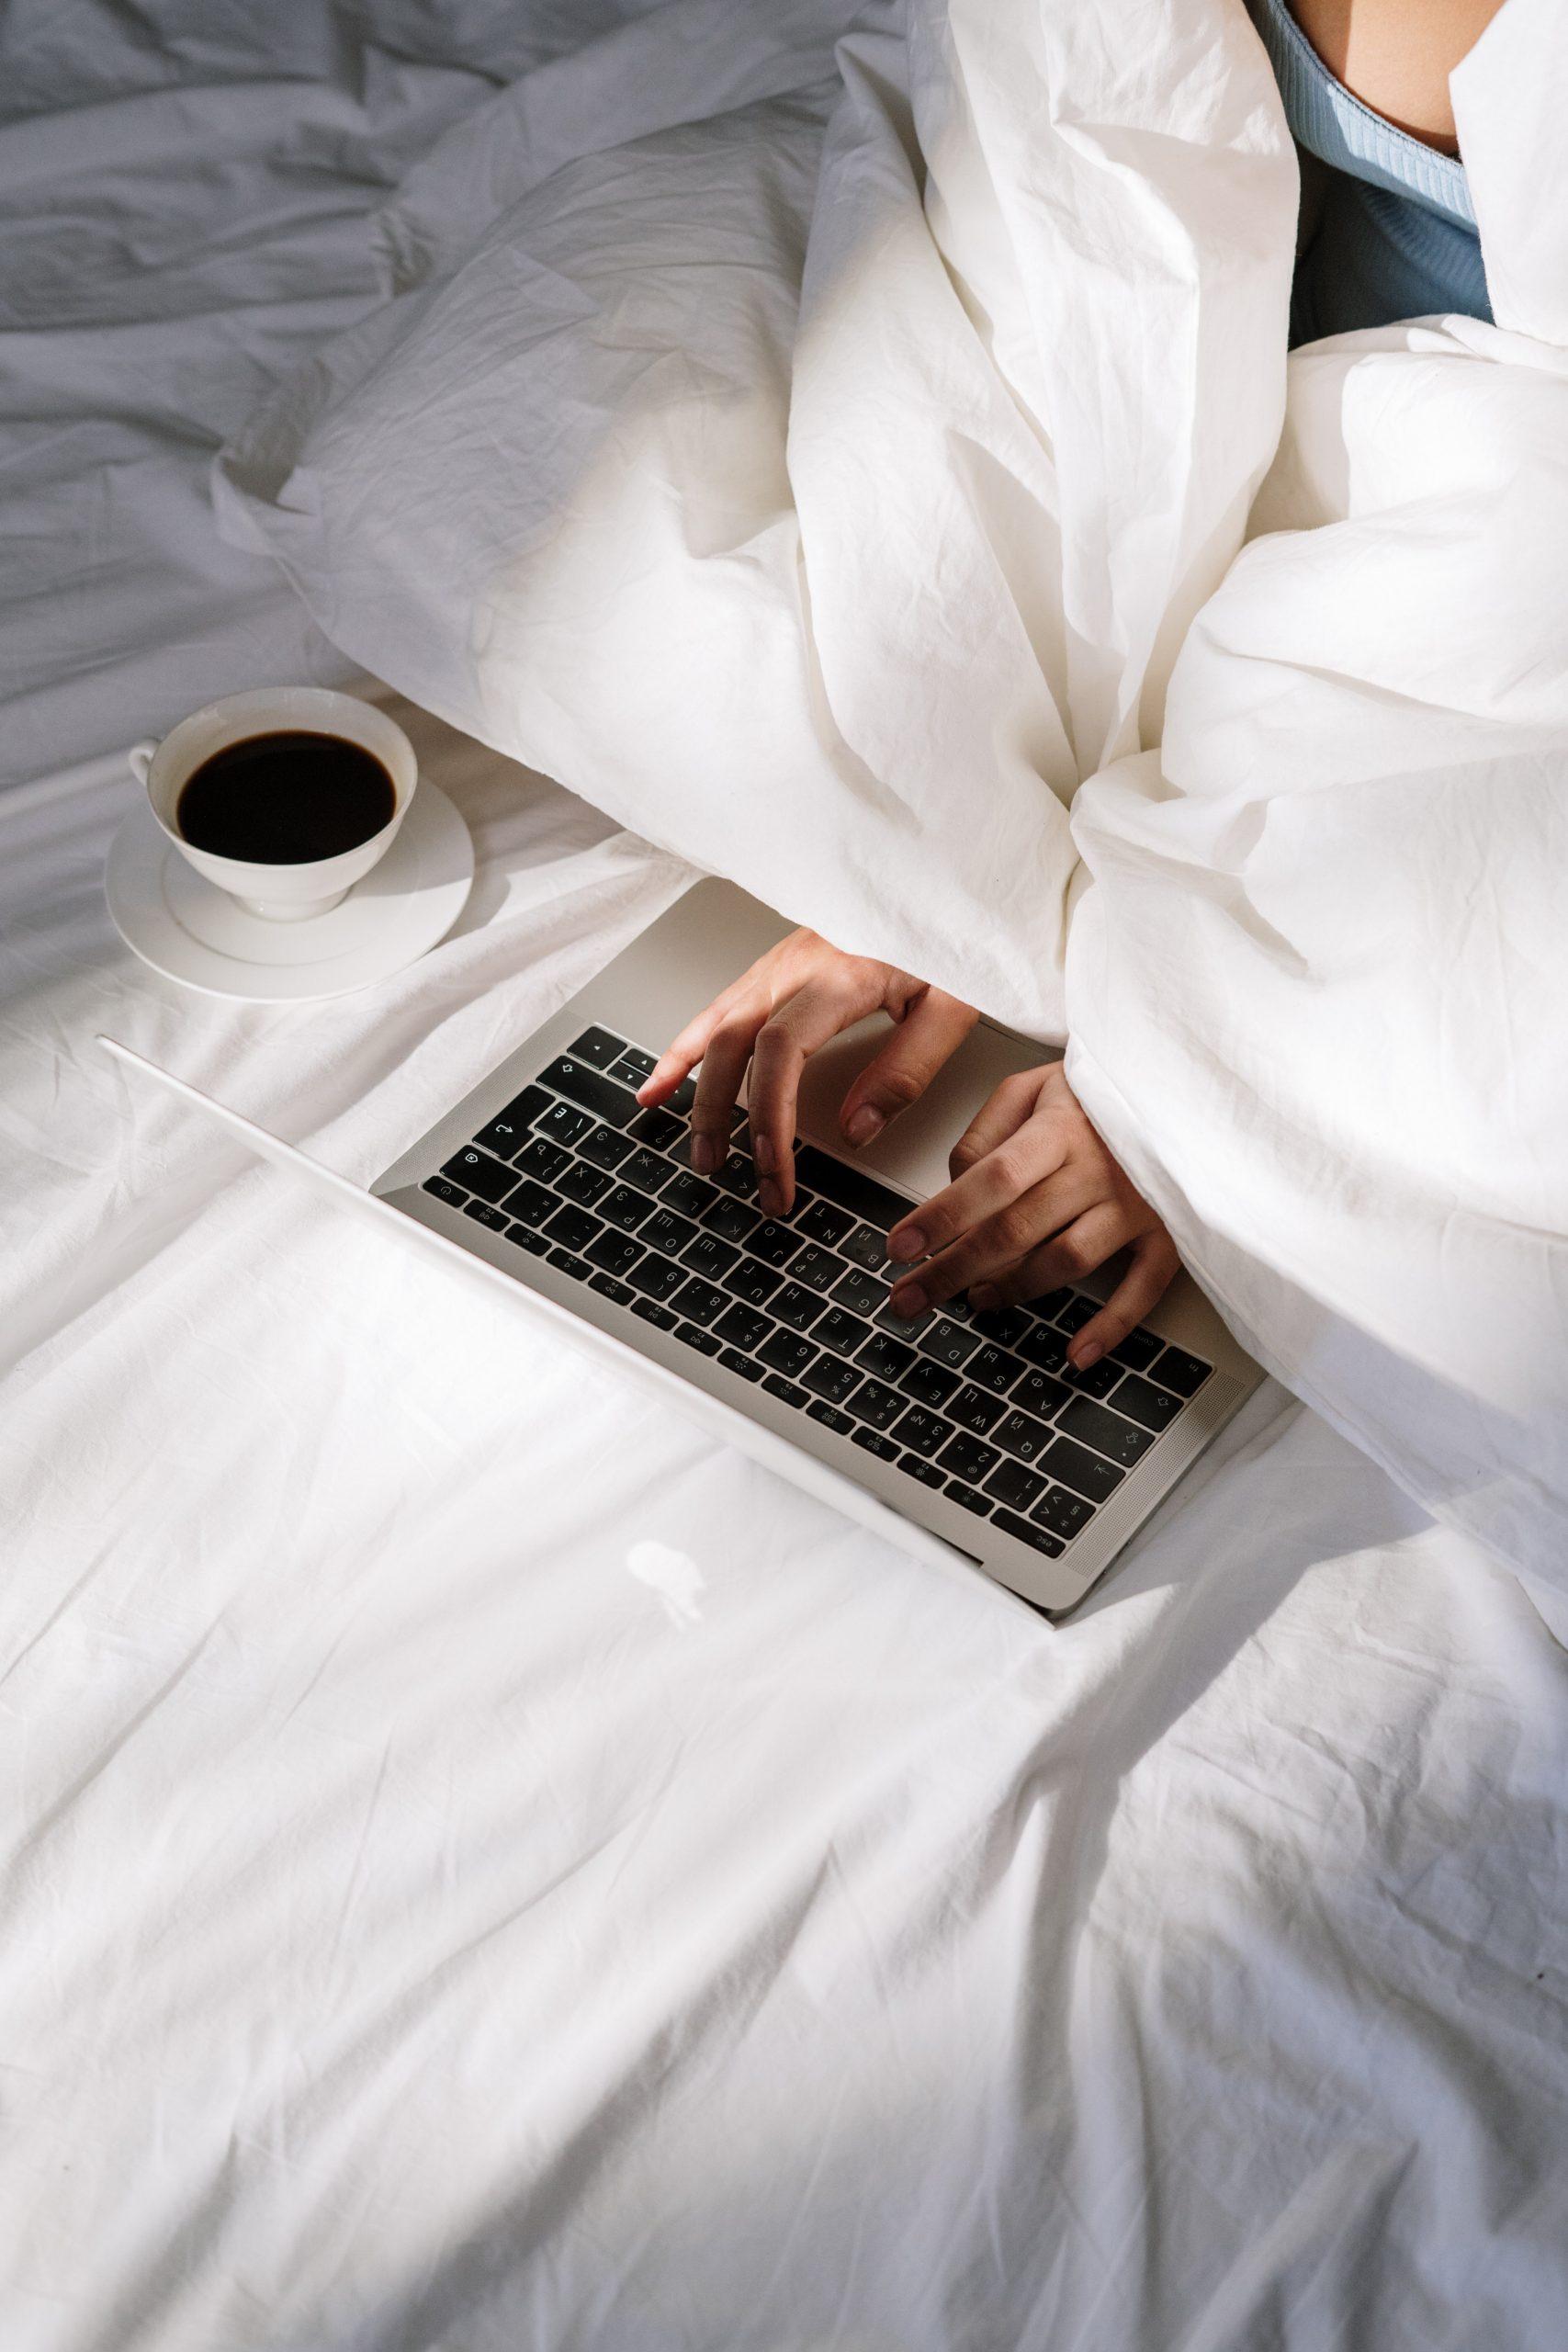 Hoe belangrijk is lekker slapen voor jou?